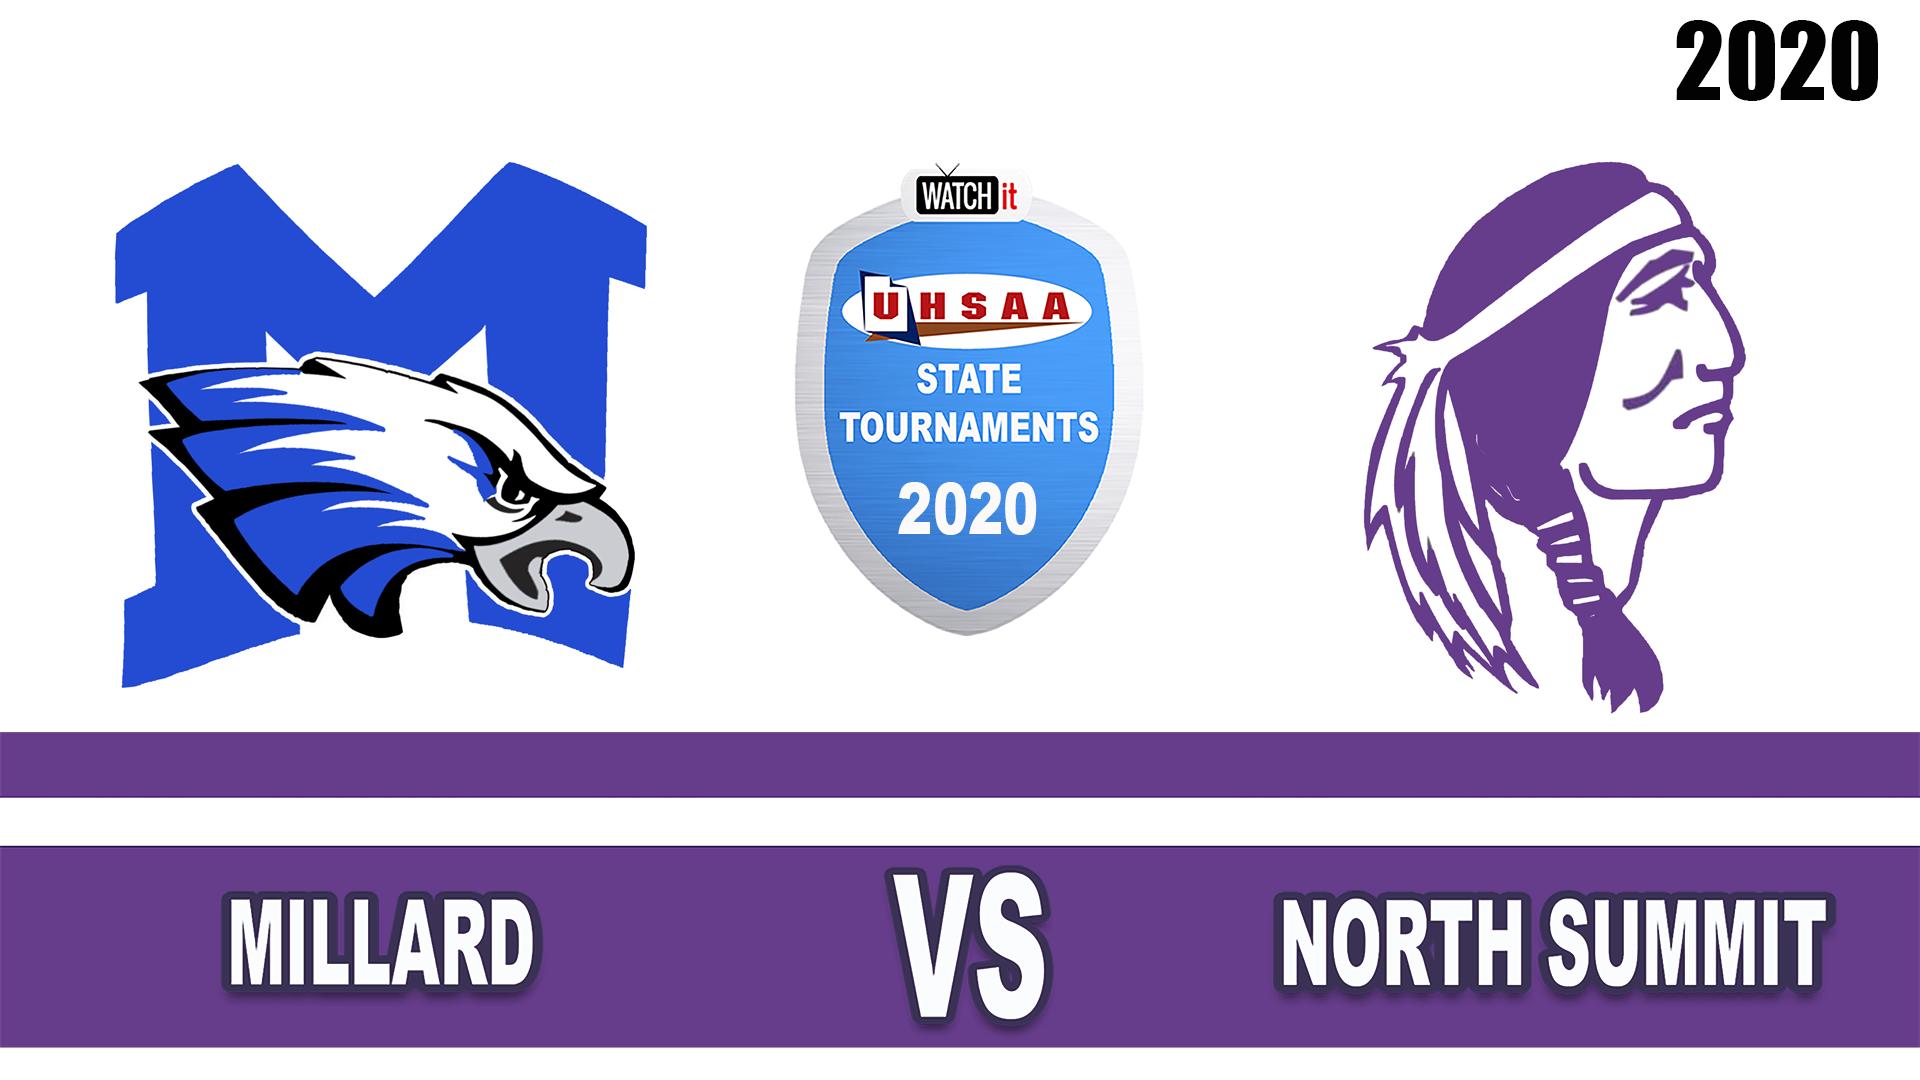 Millard vs North Summit